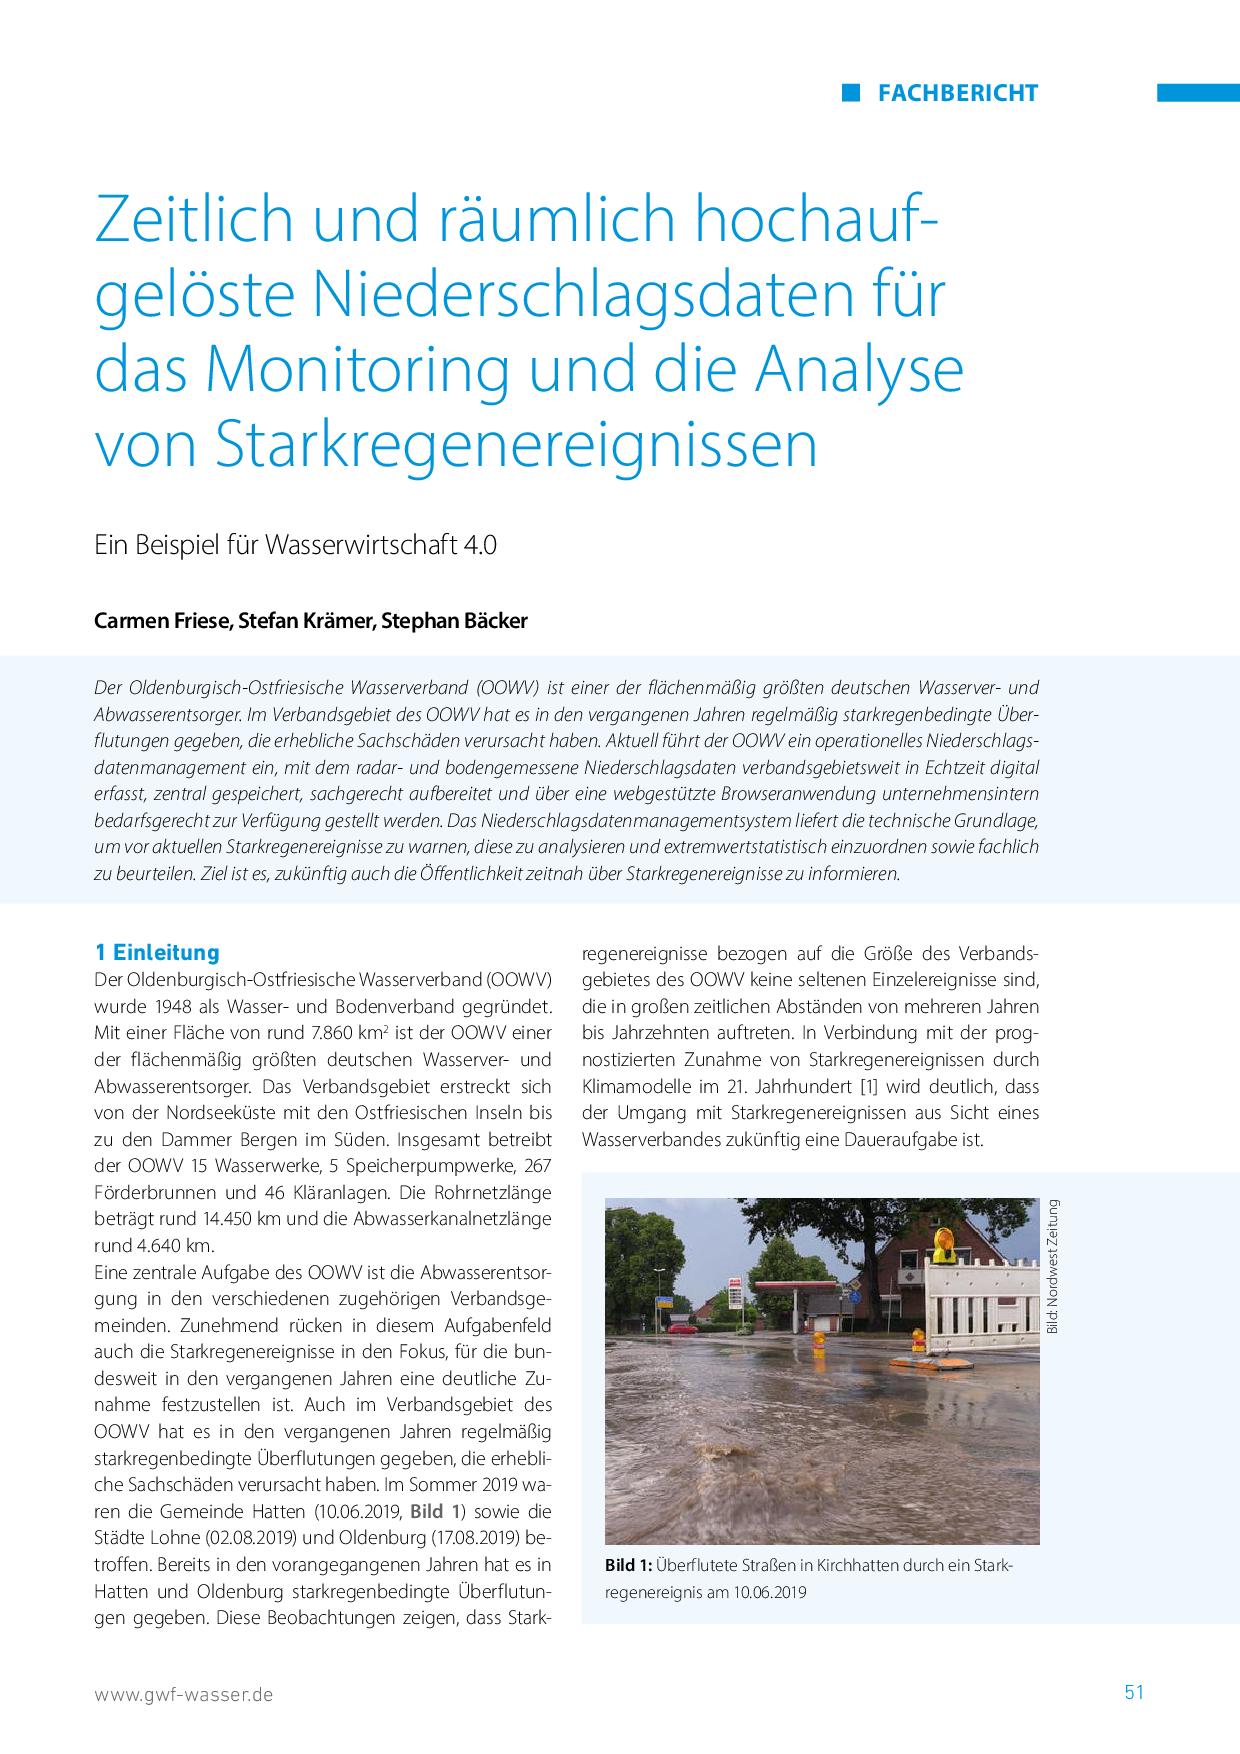 Zeitlich und räumlich hochaufgelöste Niederschlagsdaten für das Monitoring und die Analyse von Starkregenereignissen